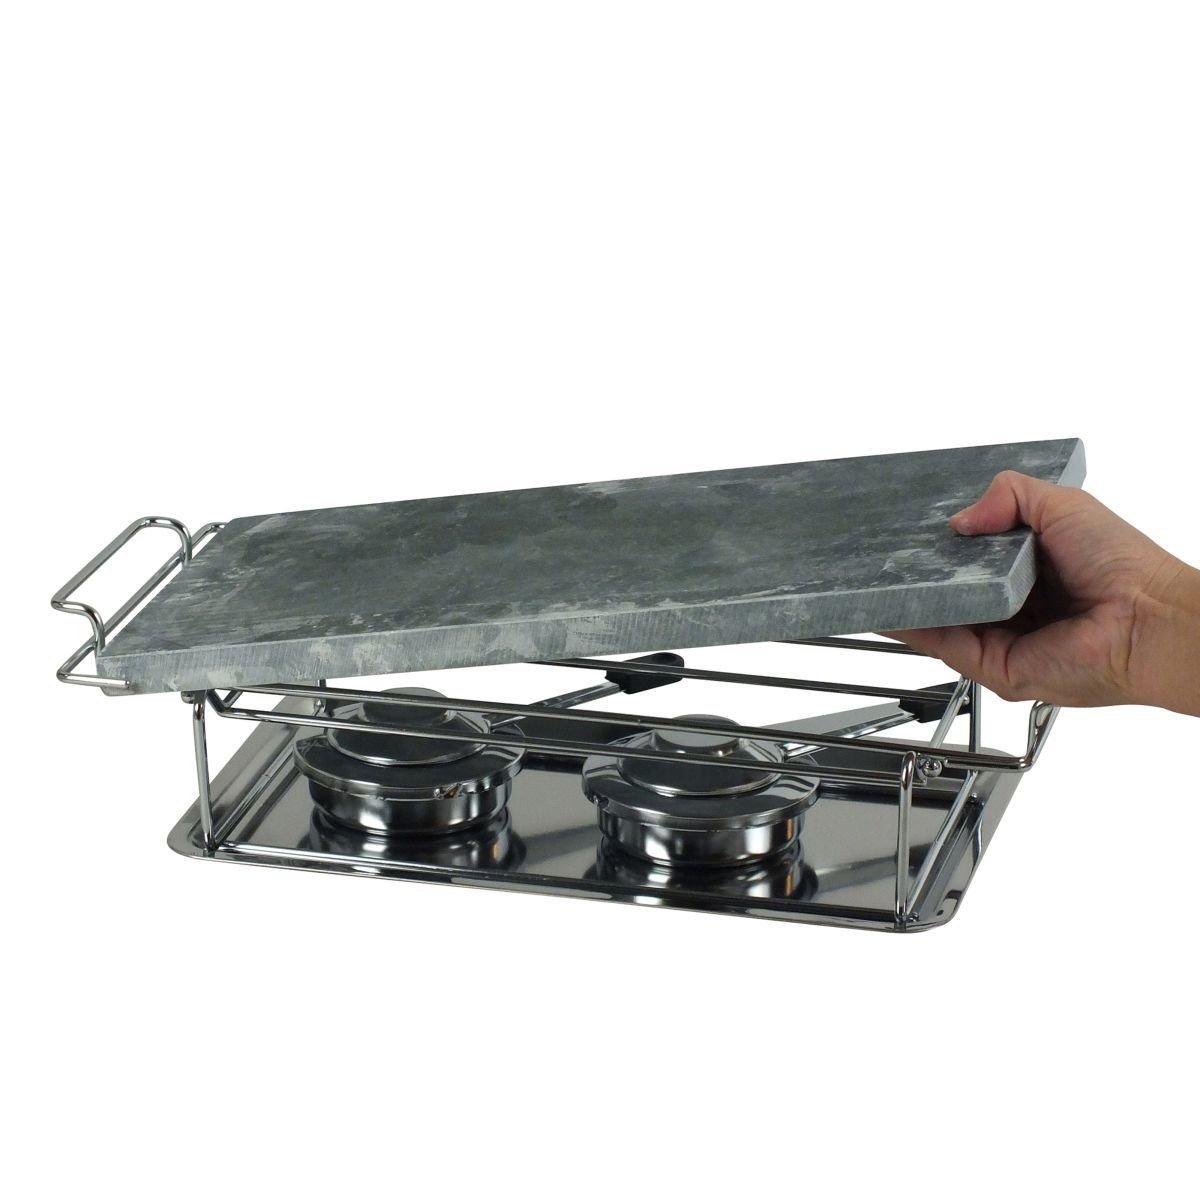 Gourmet-Grill 66510 - Plancha para cocinar a la piedra, calienta platos, con armazón y hornillos (32 x 19 cm): Amazon.es: Hogar